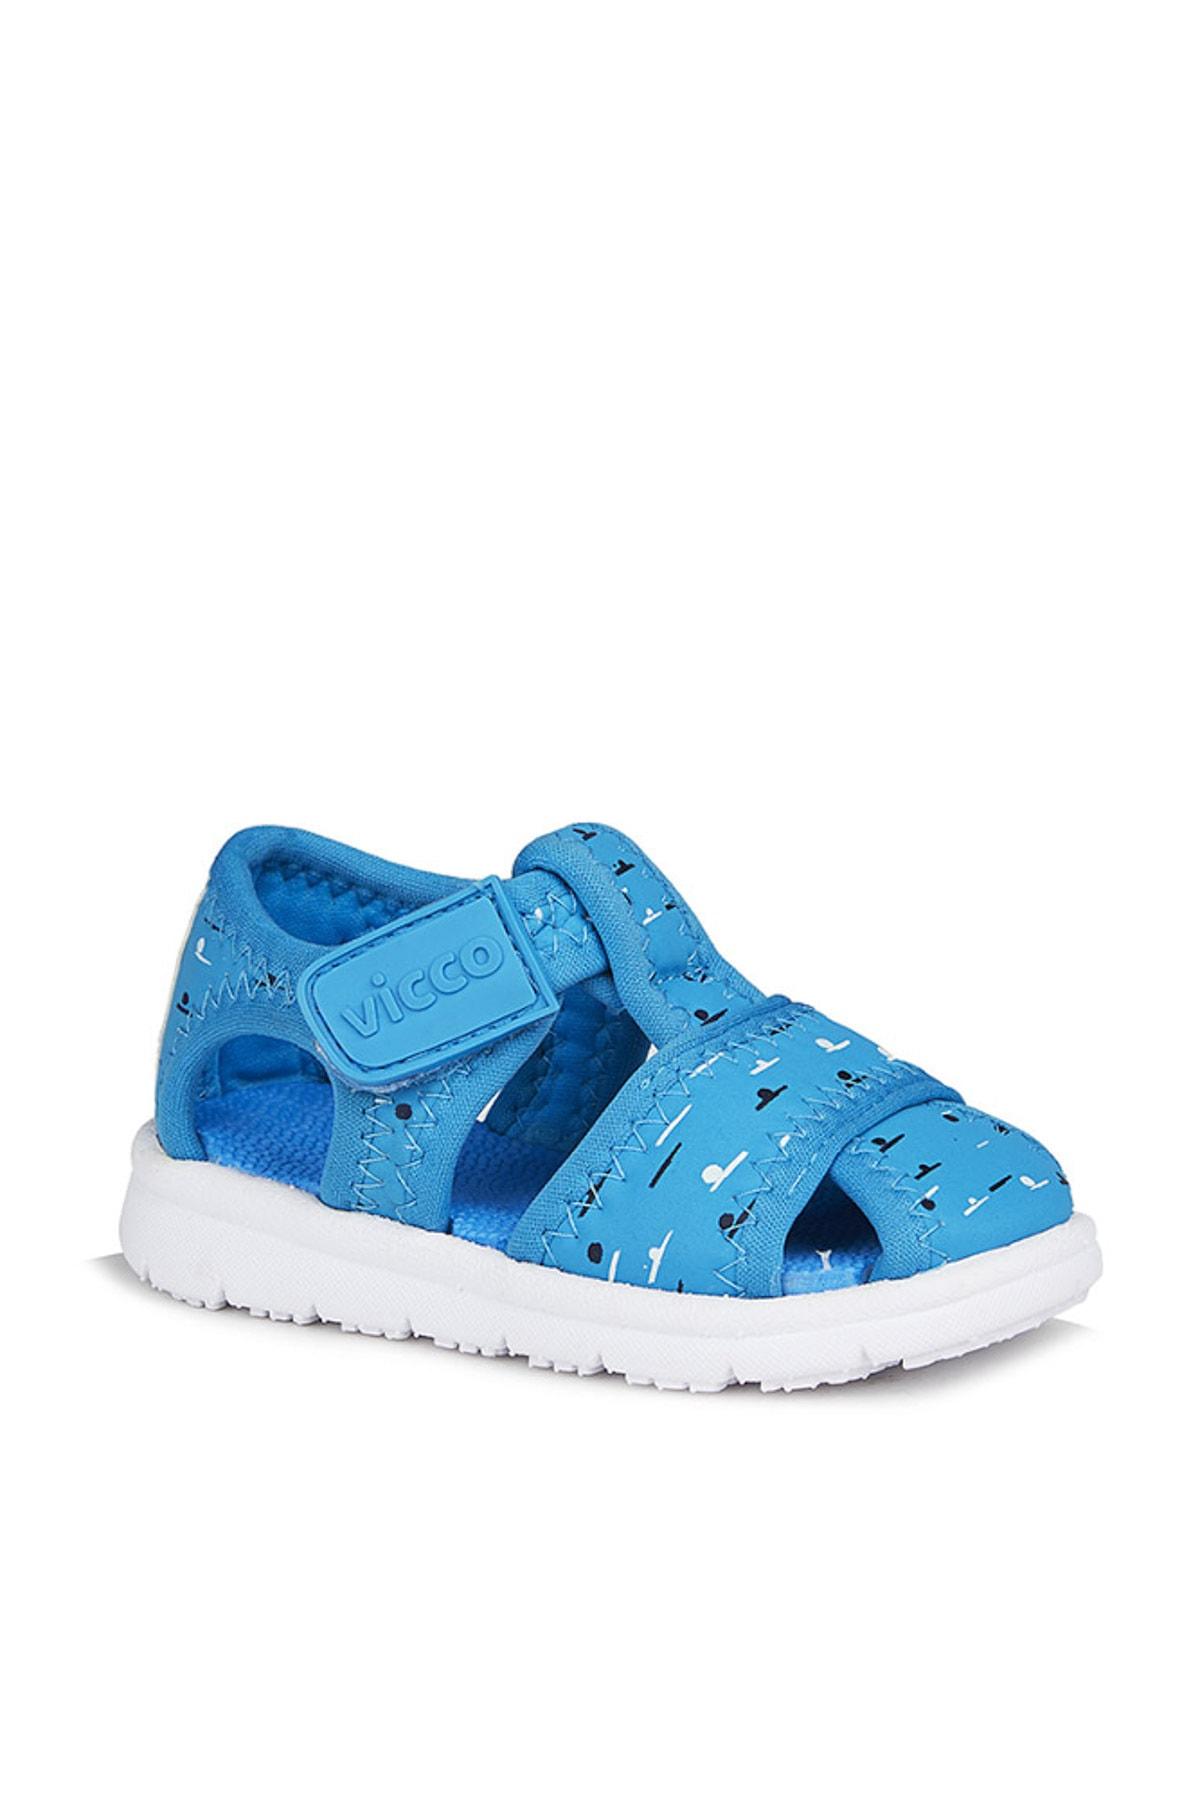 Vicco Bumba Erkek Ilk Adım Mavi Sandalet 1